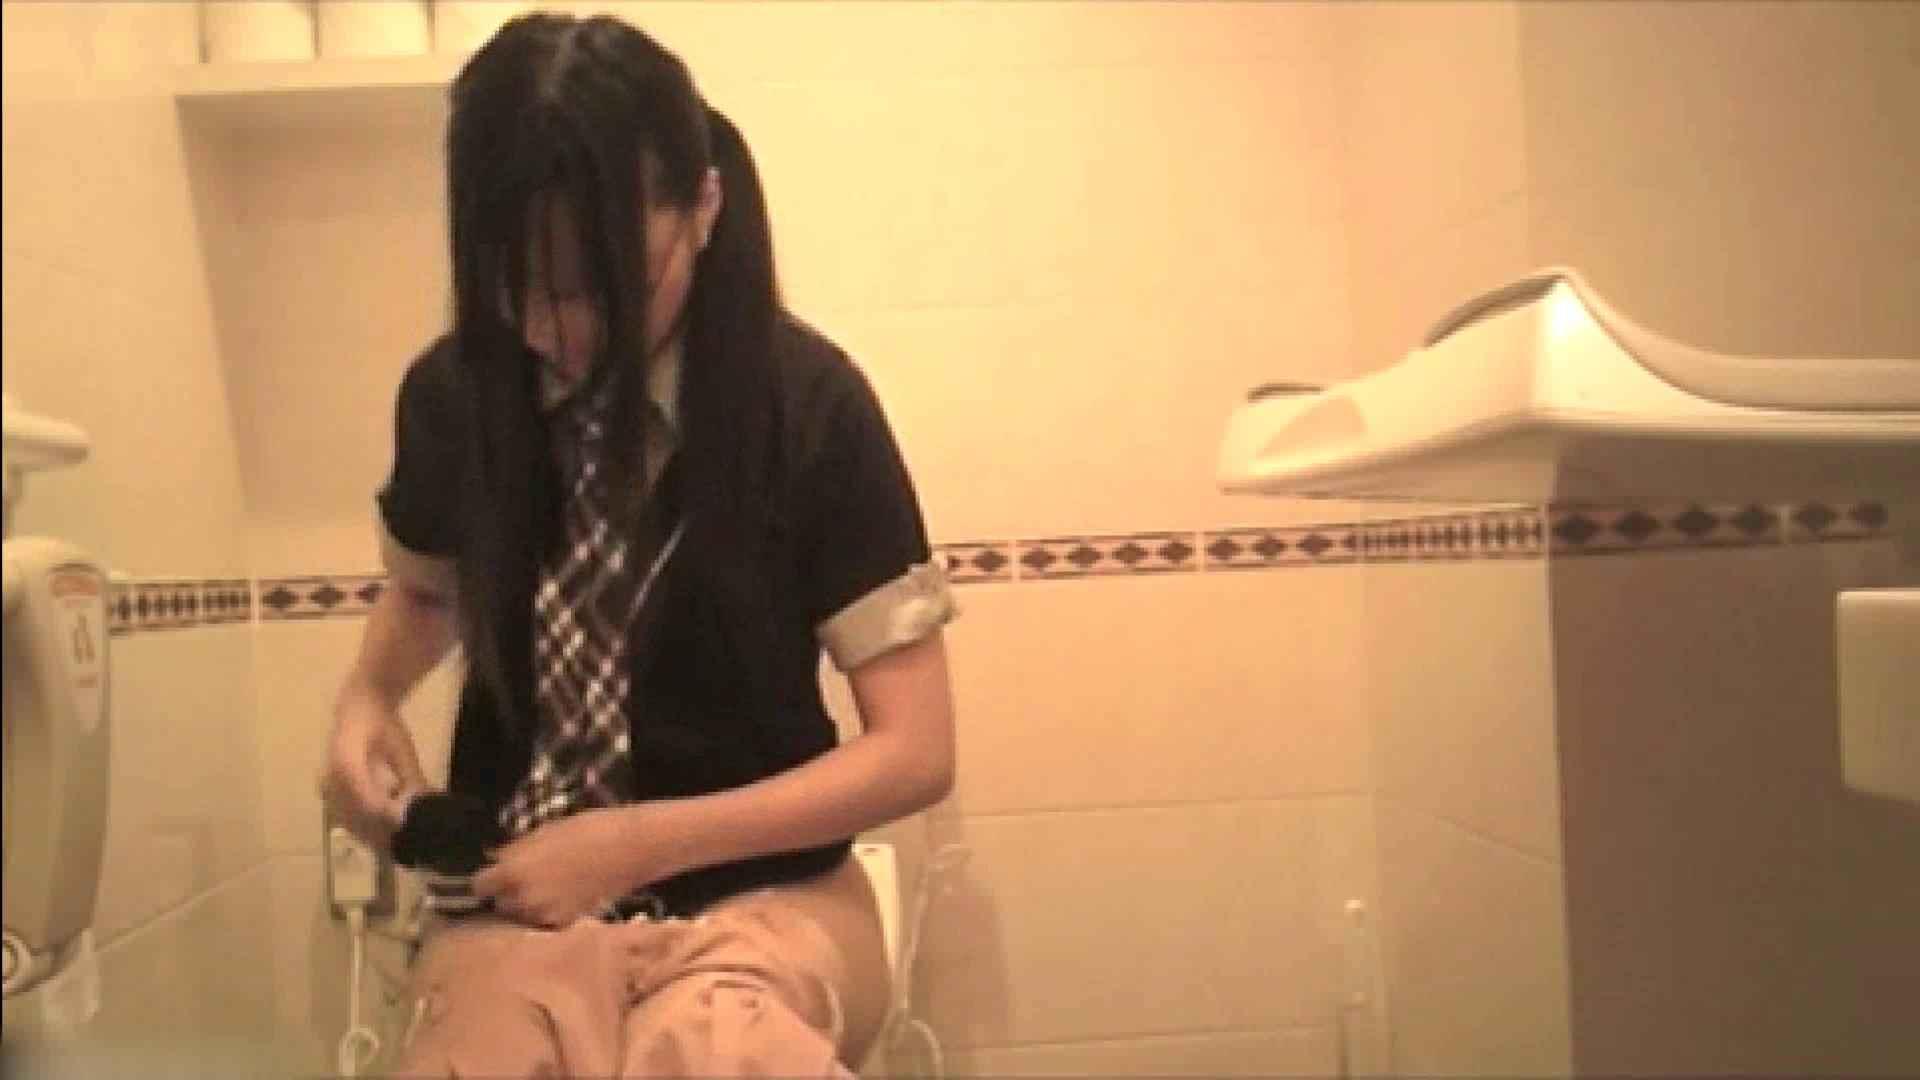 実録!!綺麗なお姉さんのトイレ事情・・・。vol.19 独身エッチOL   お姉さんの女体  22pic 6